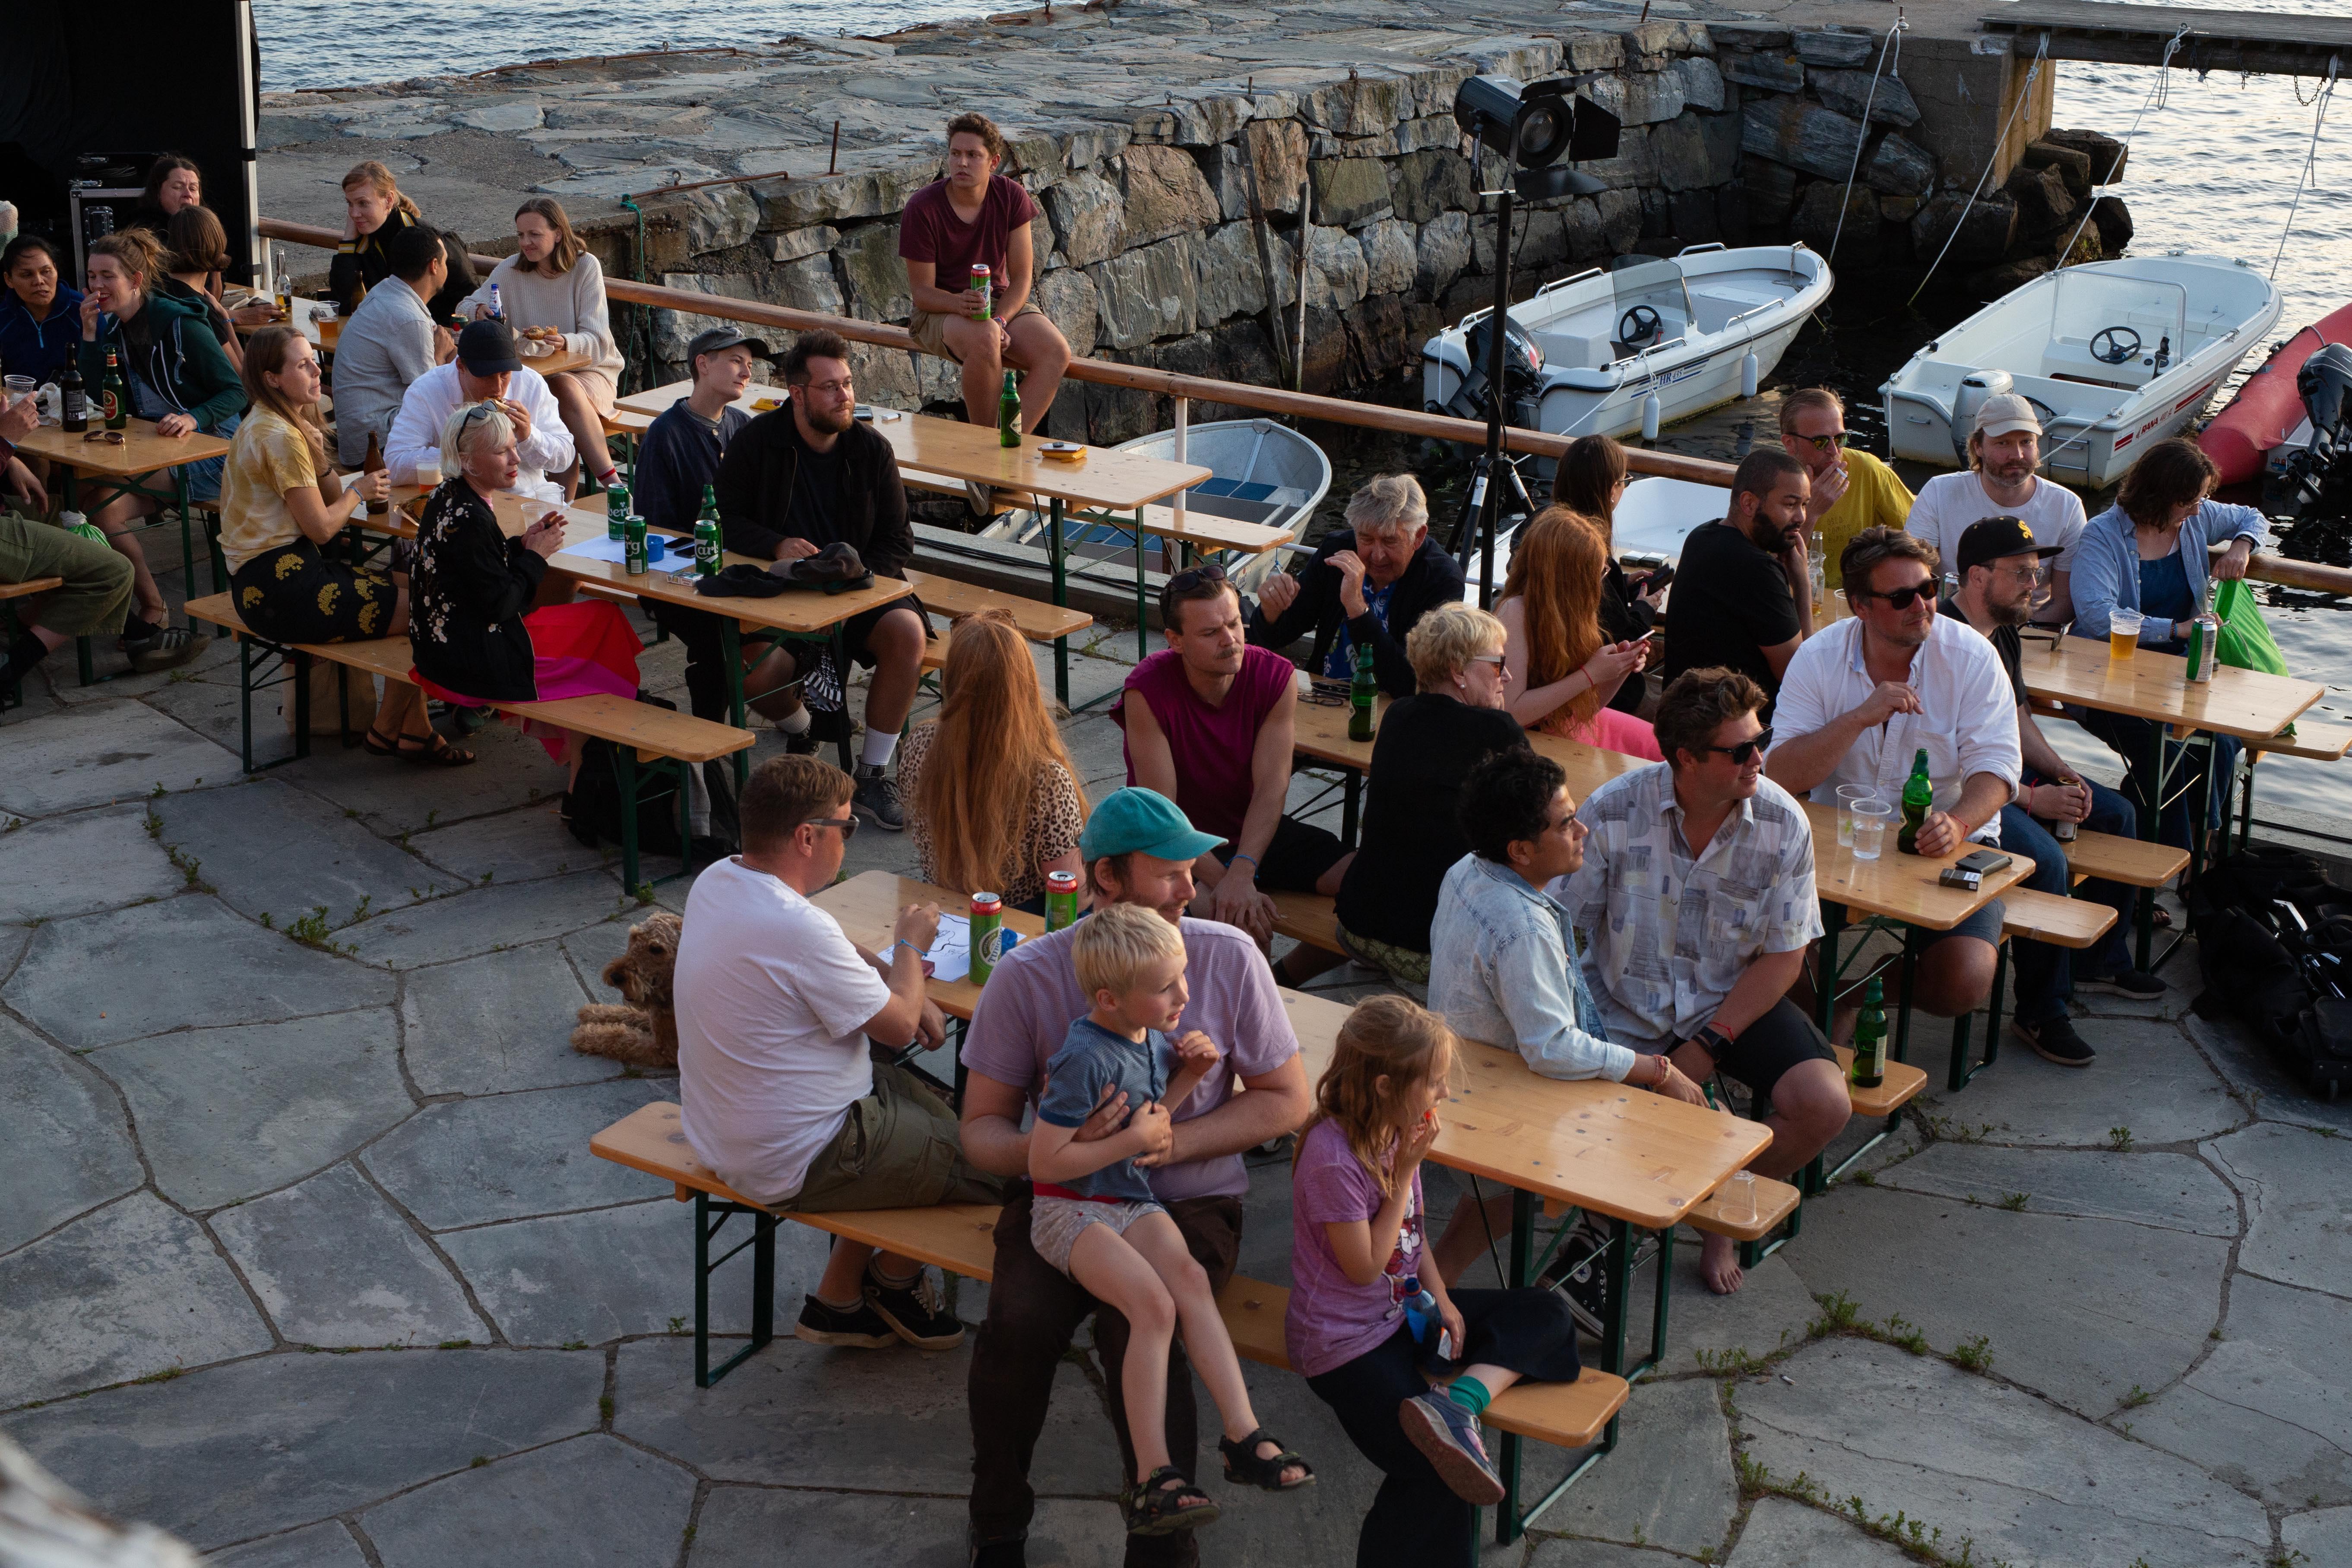 Fra Sjøboden scene